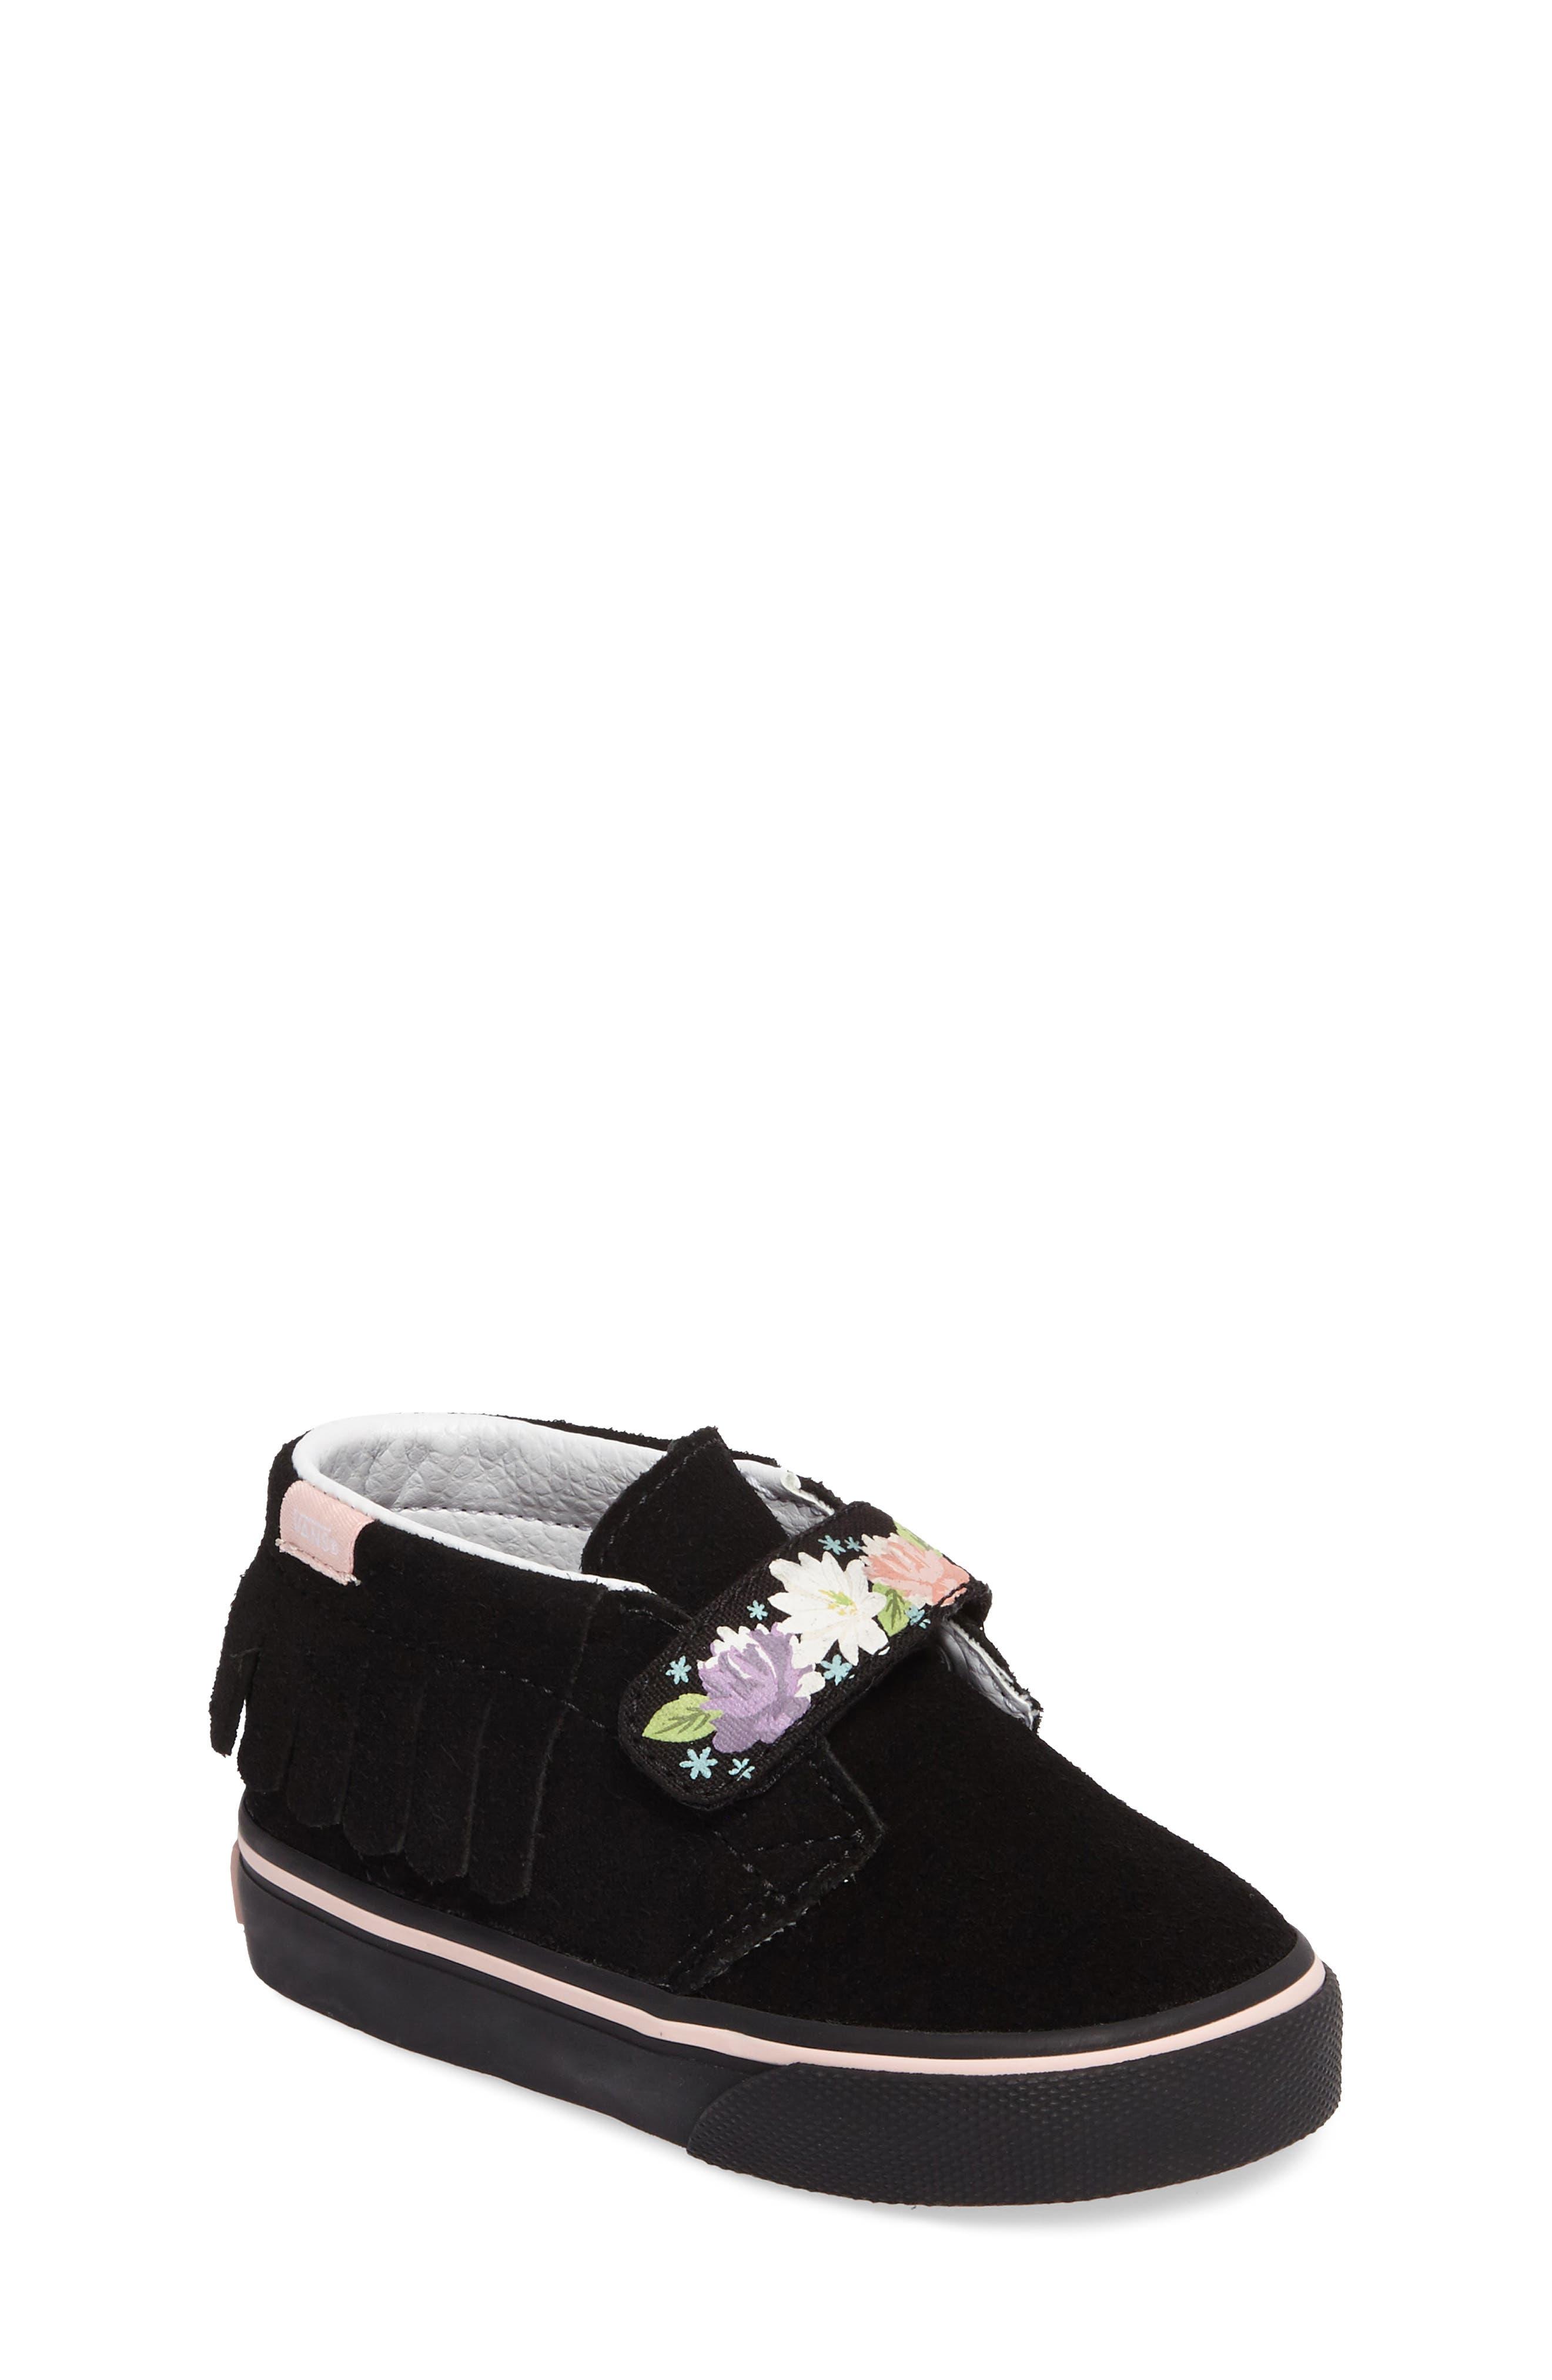 Main Image - Vans Chukka V Moc Sneaker (Baby, Walker & Toddler)